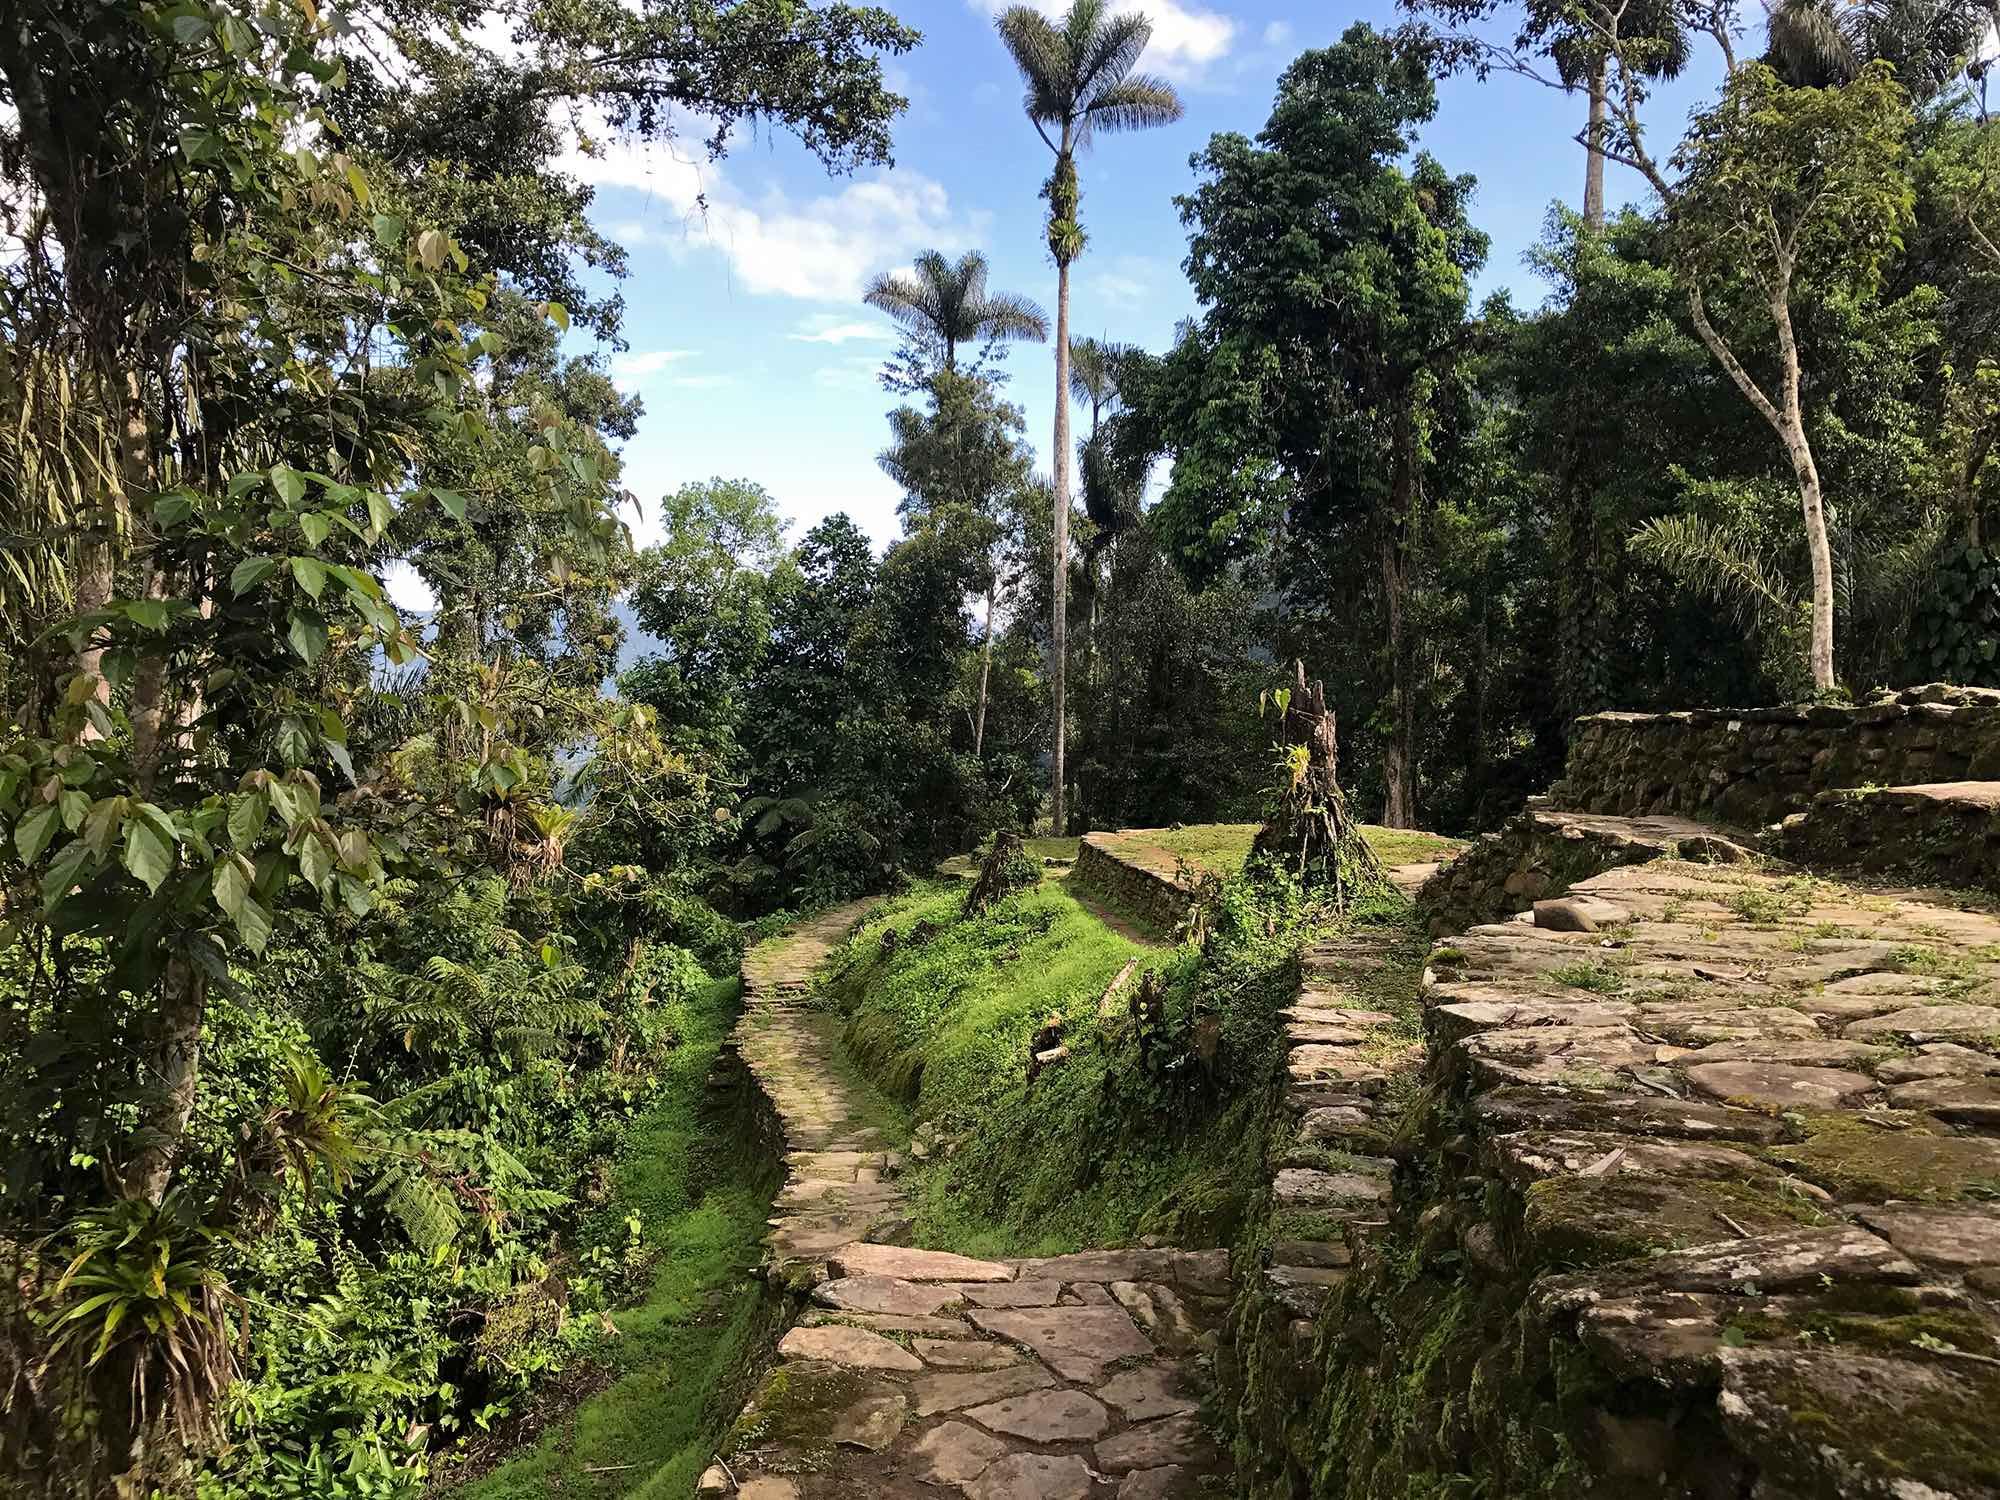 Lost-City-trek-Colombia-site4.jpg